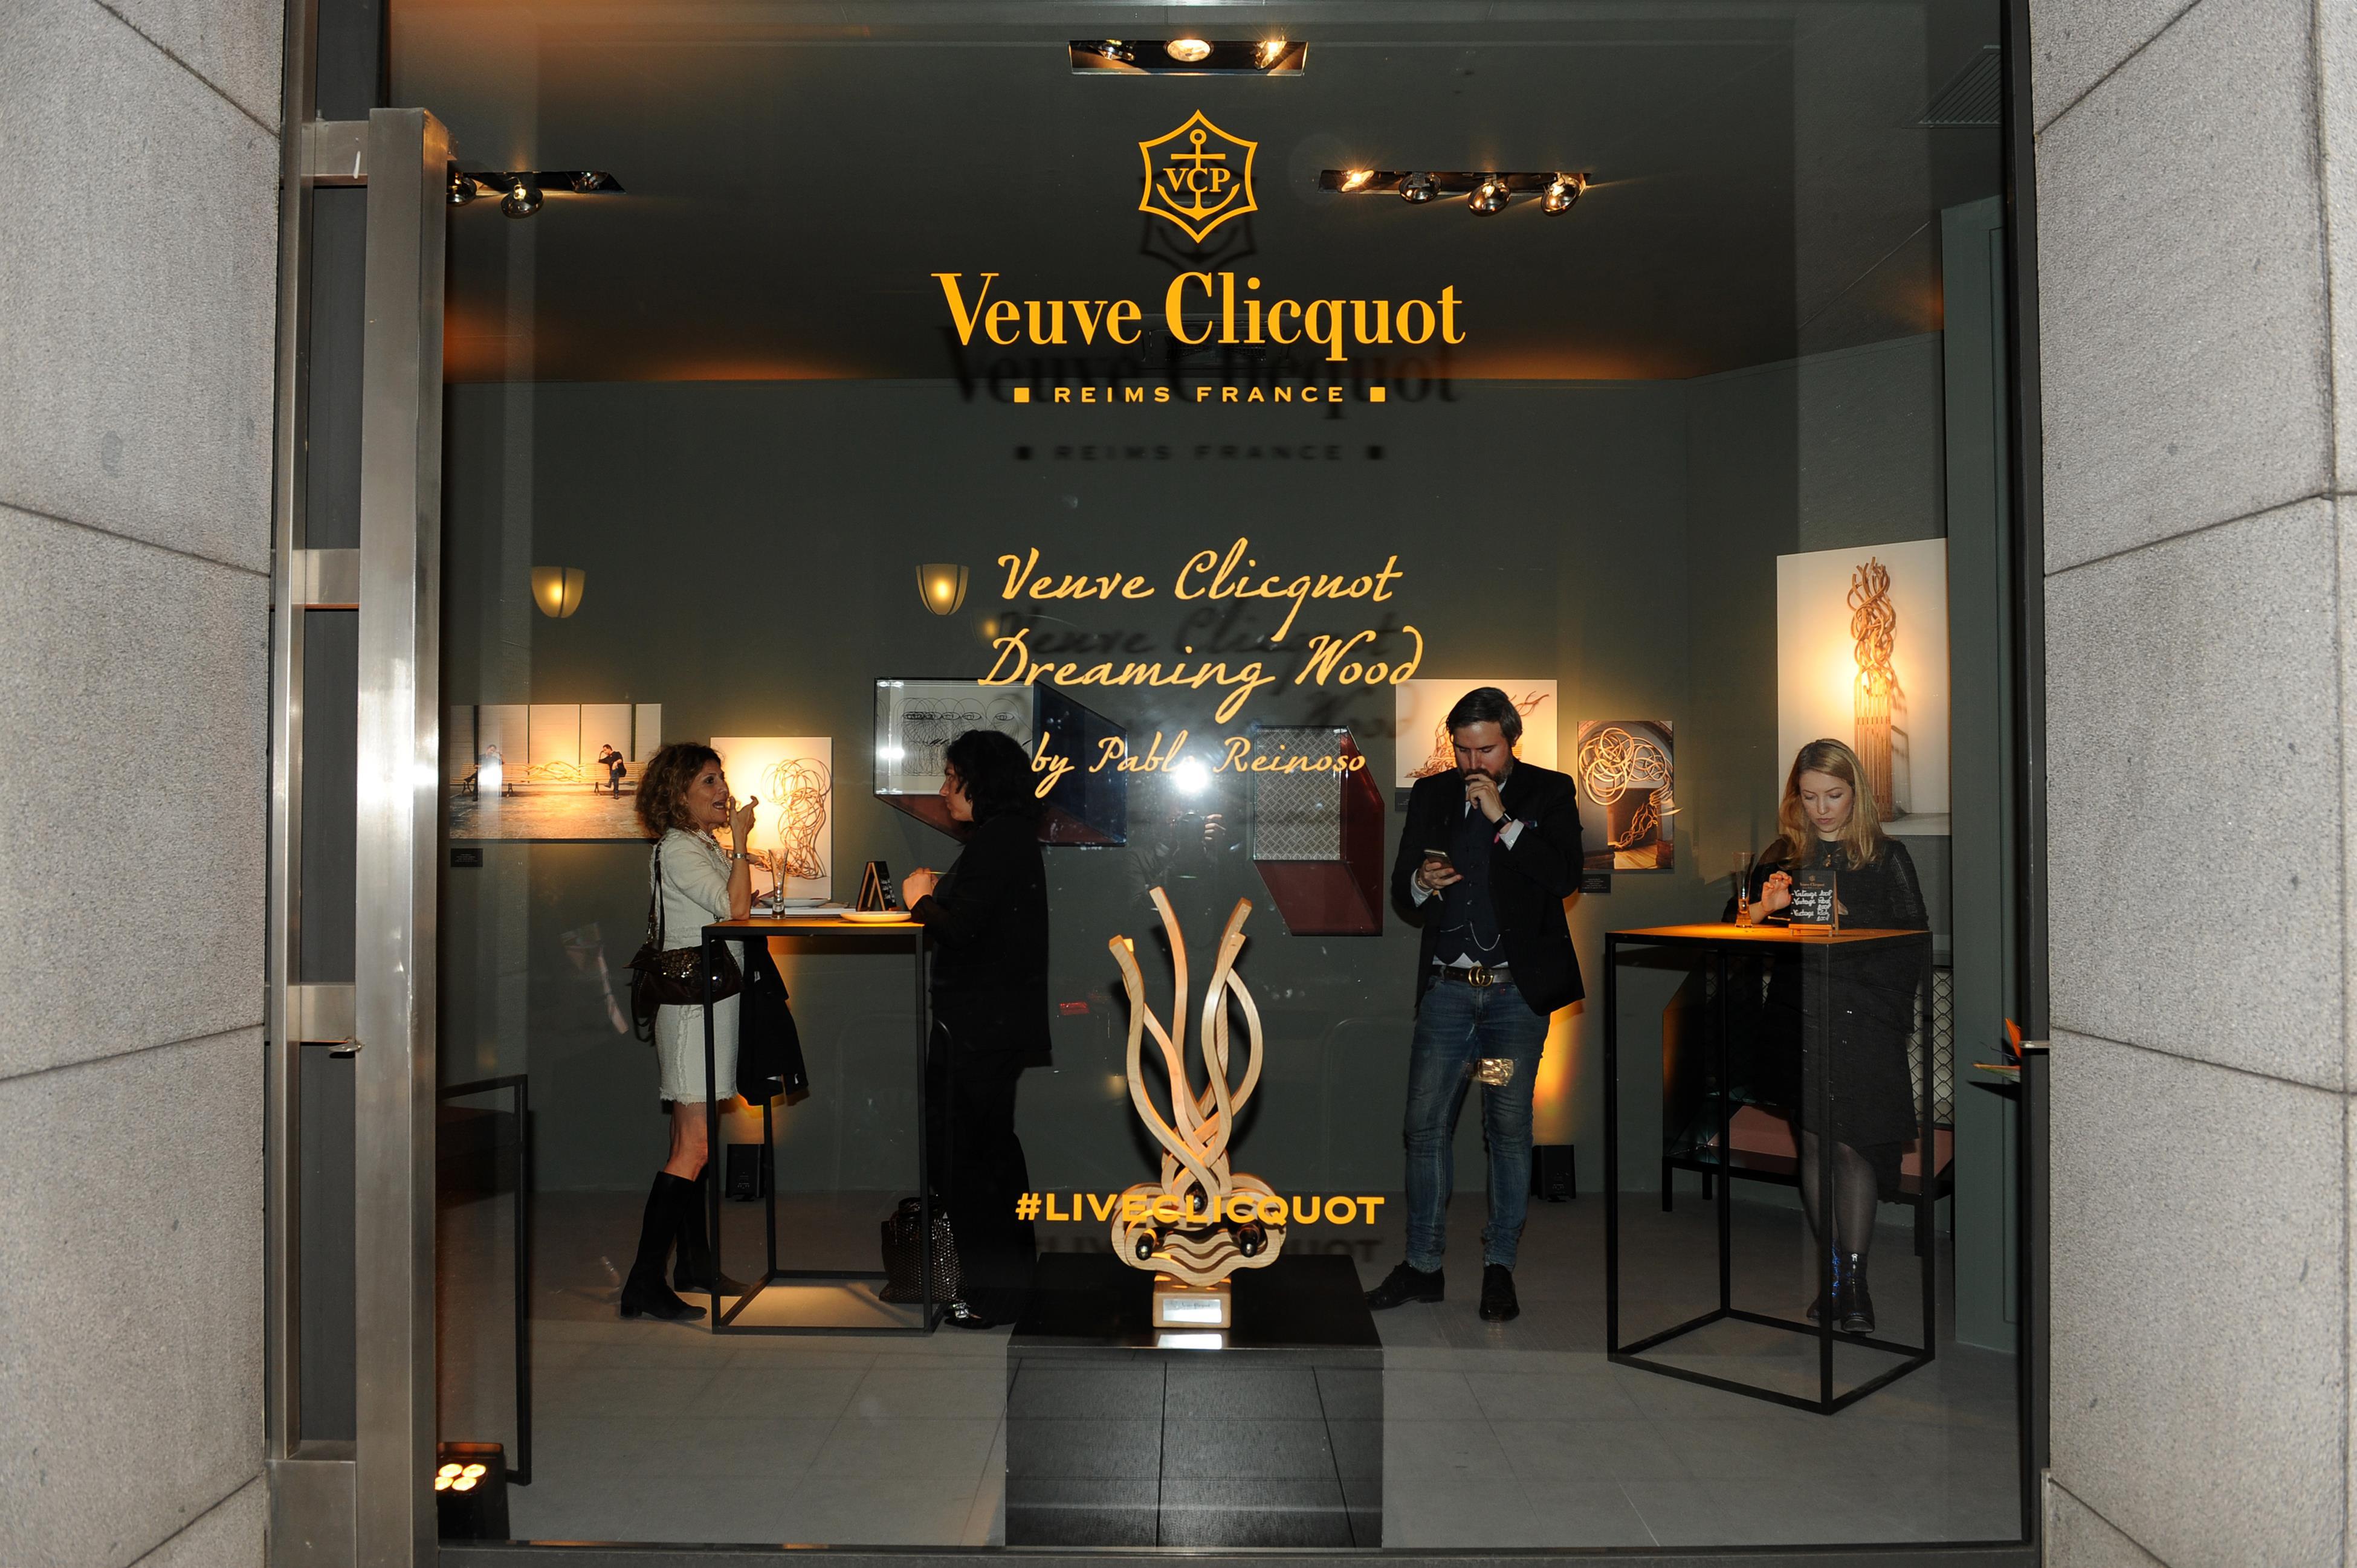 Veuve Clicquot Dreaming Wood